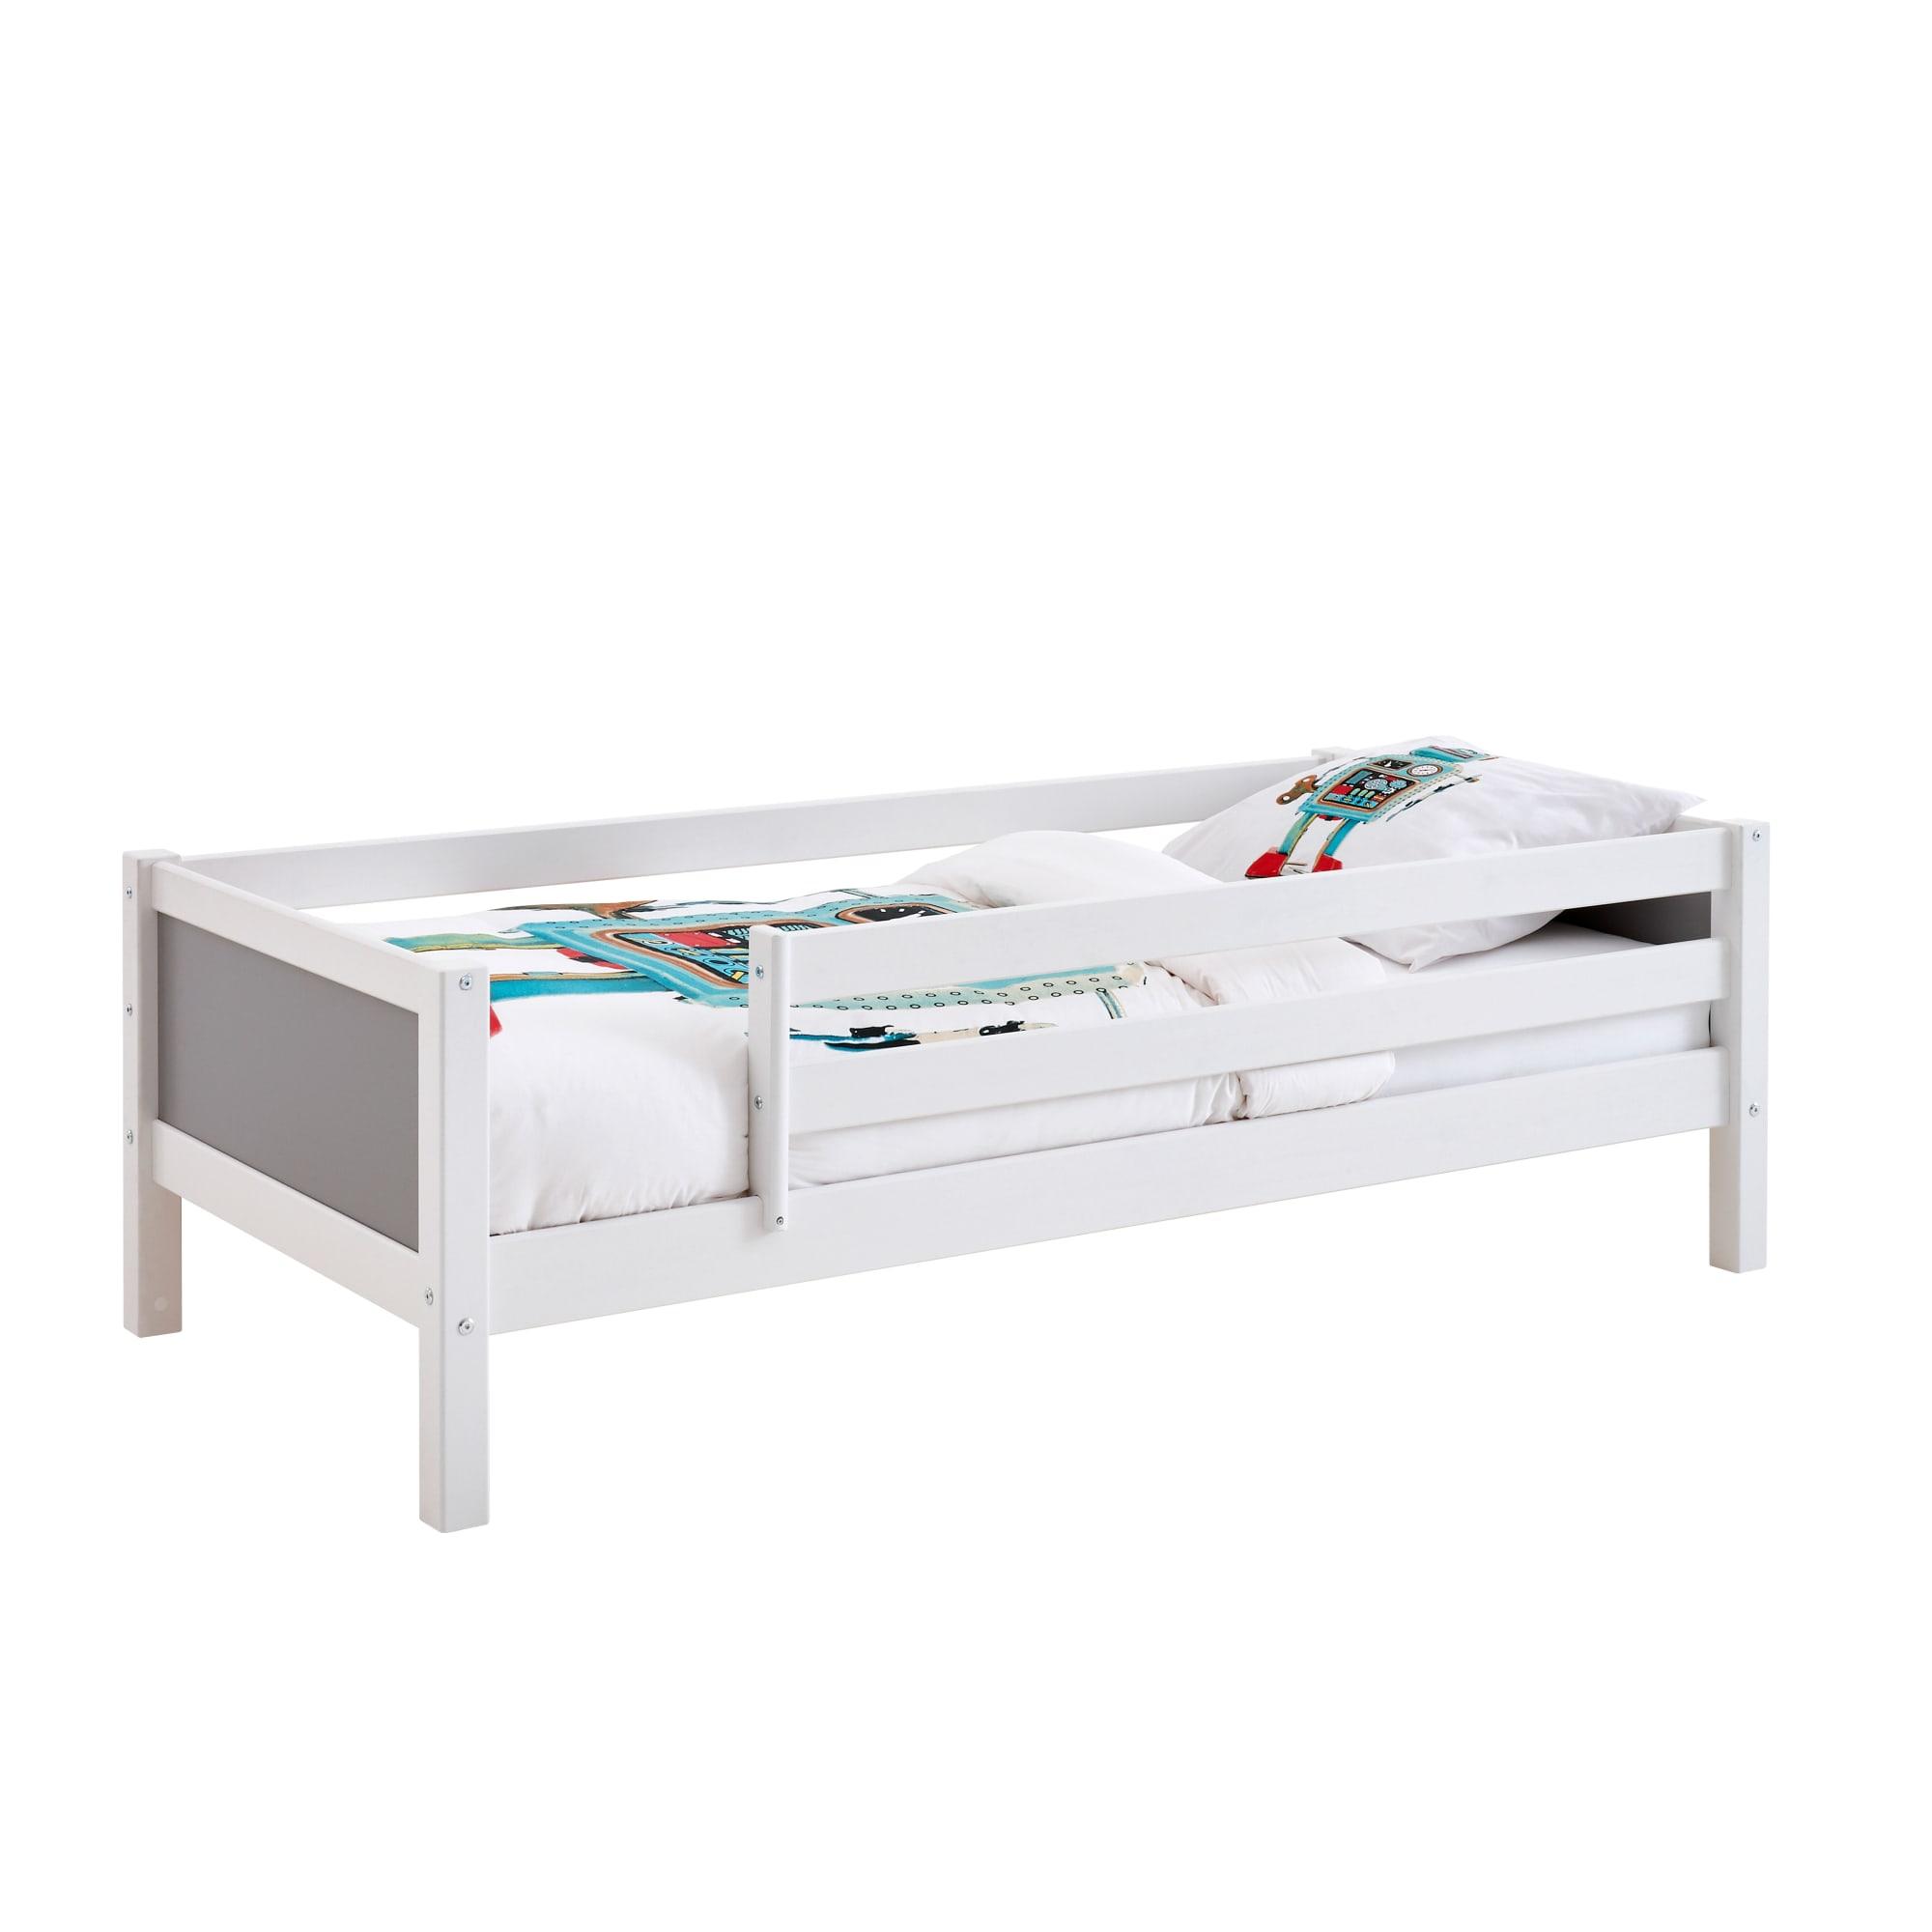 90 x 200 cm - Med sengehest på begge sider og grå gavle